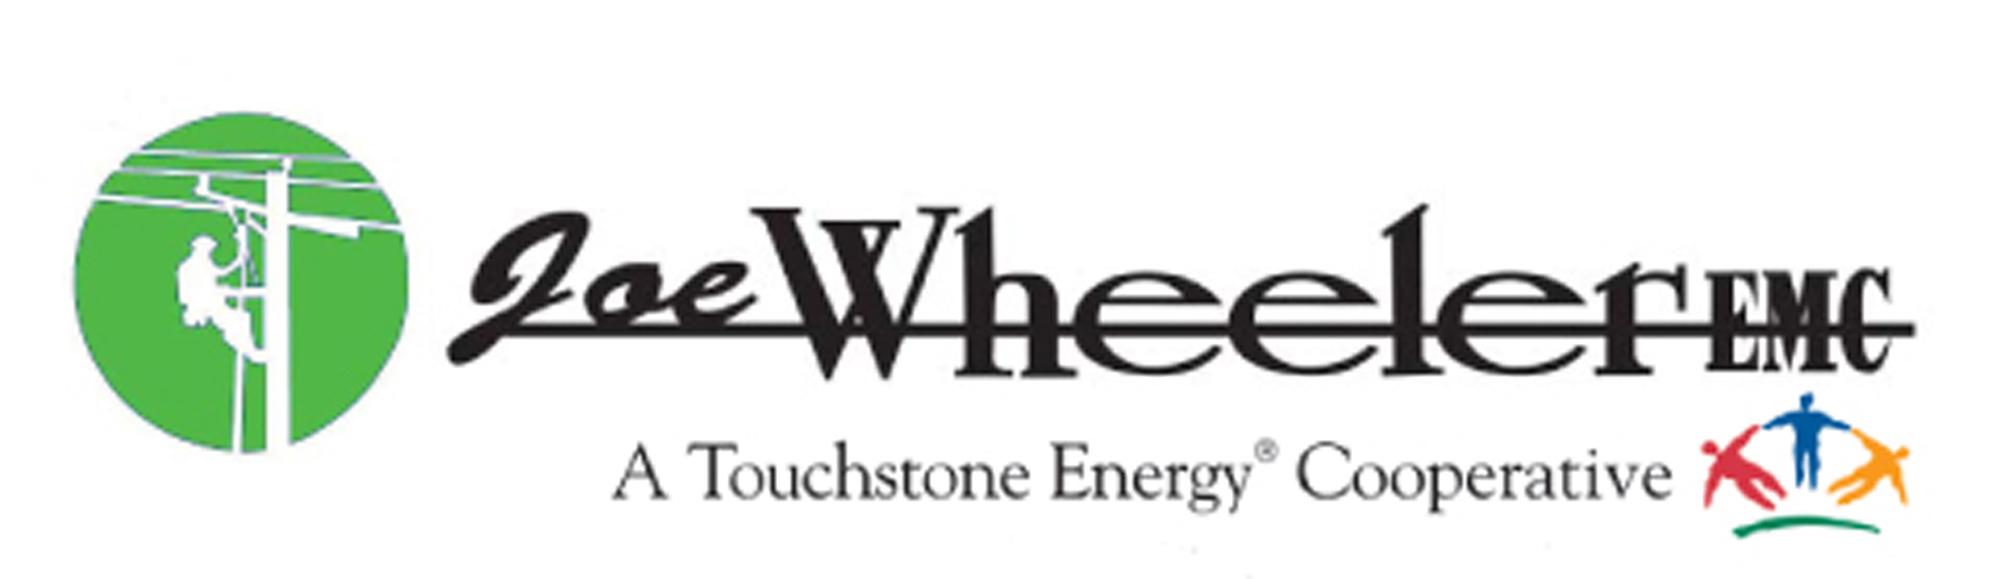 Joe Wheeler EMC Logo.jpg